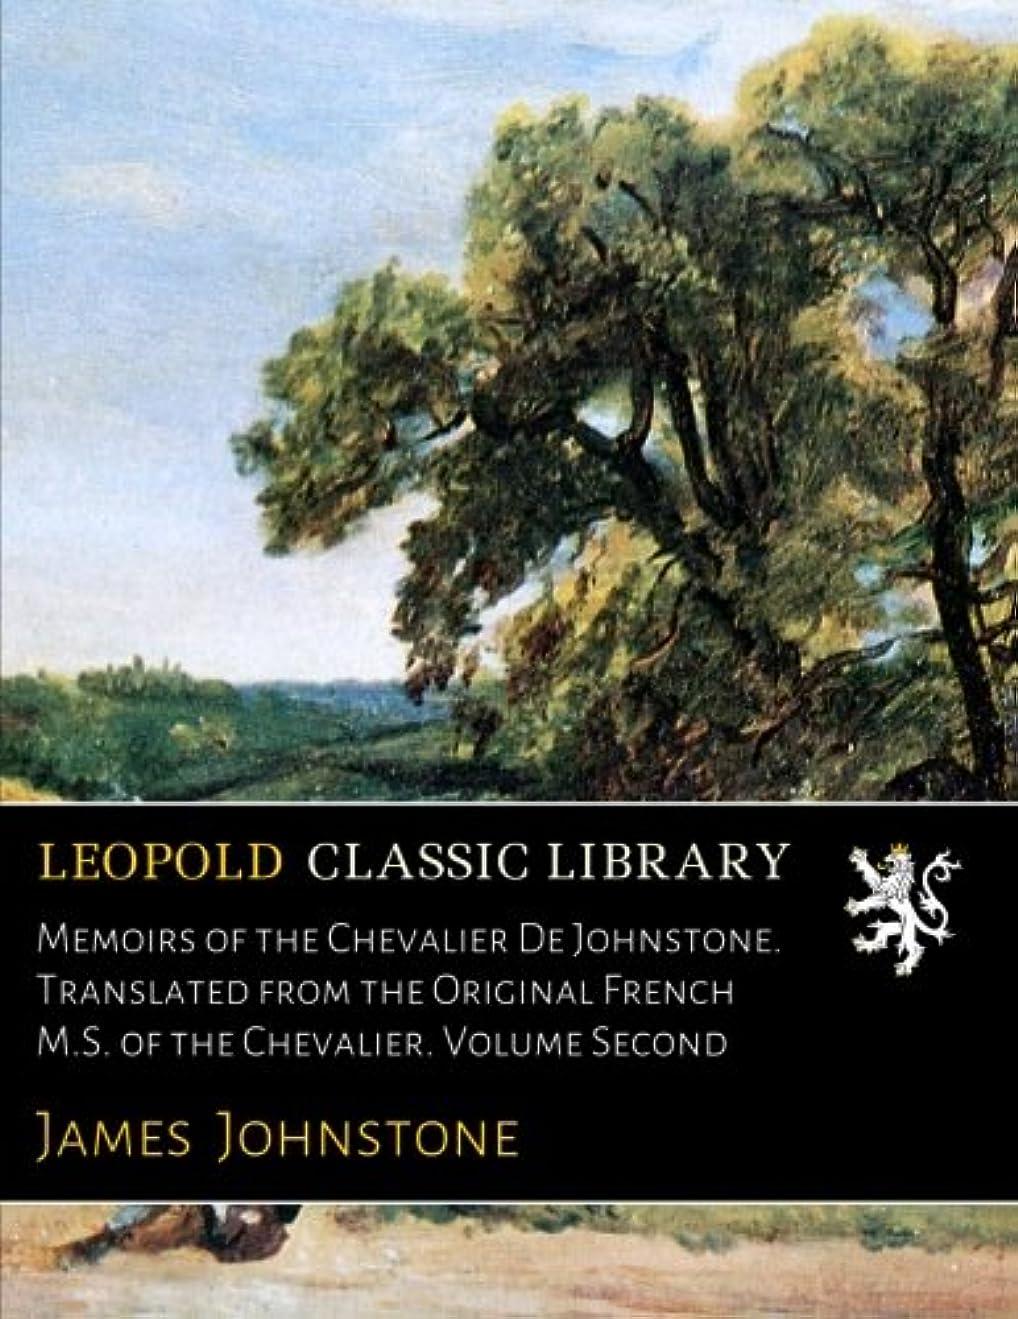 悪の純正ミスペンドMemoirs of the Chevalier De Johnstone. Translated from the Original French M.S. of the Chevalier. Volume Second